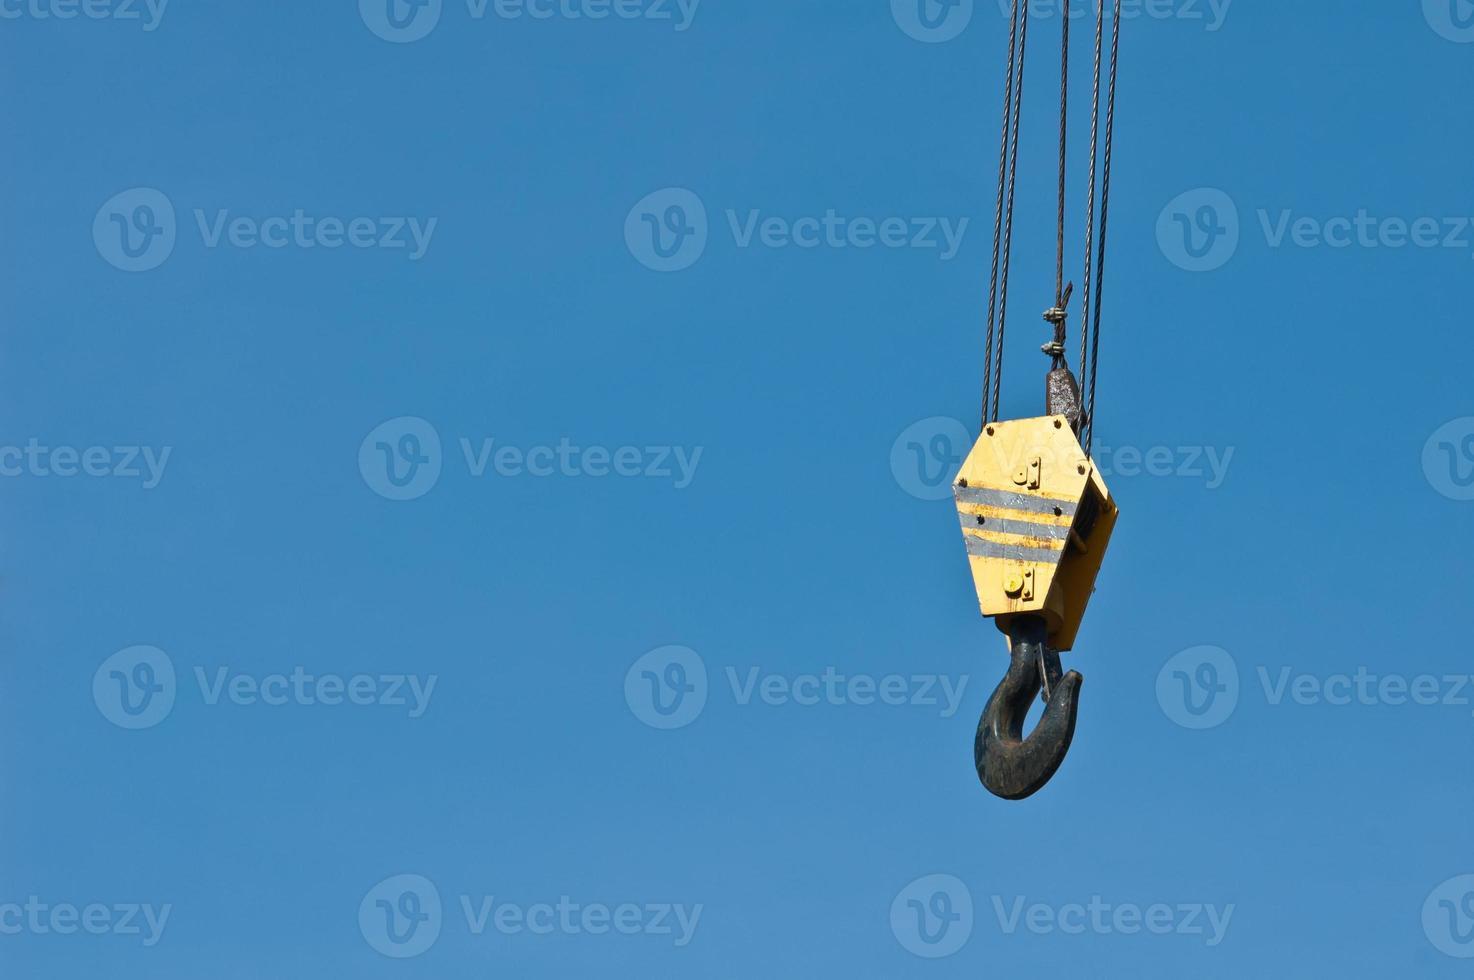 crochet de grue avec ciel bleu photo